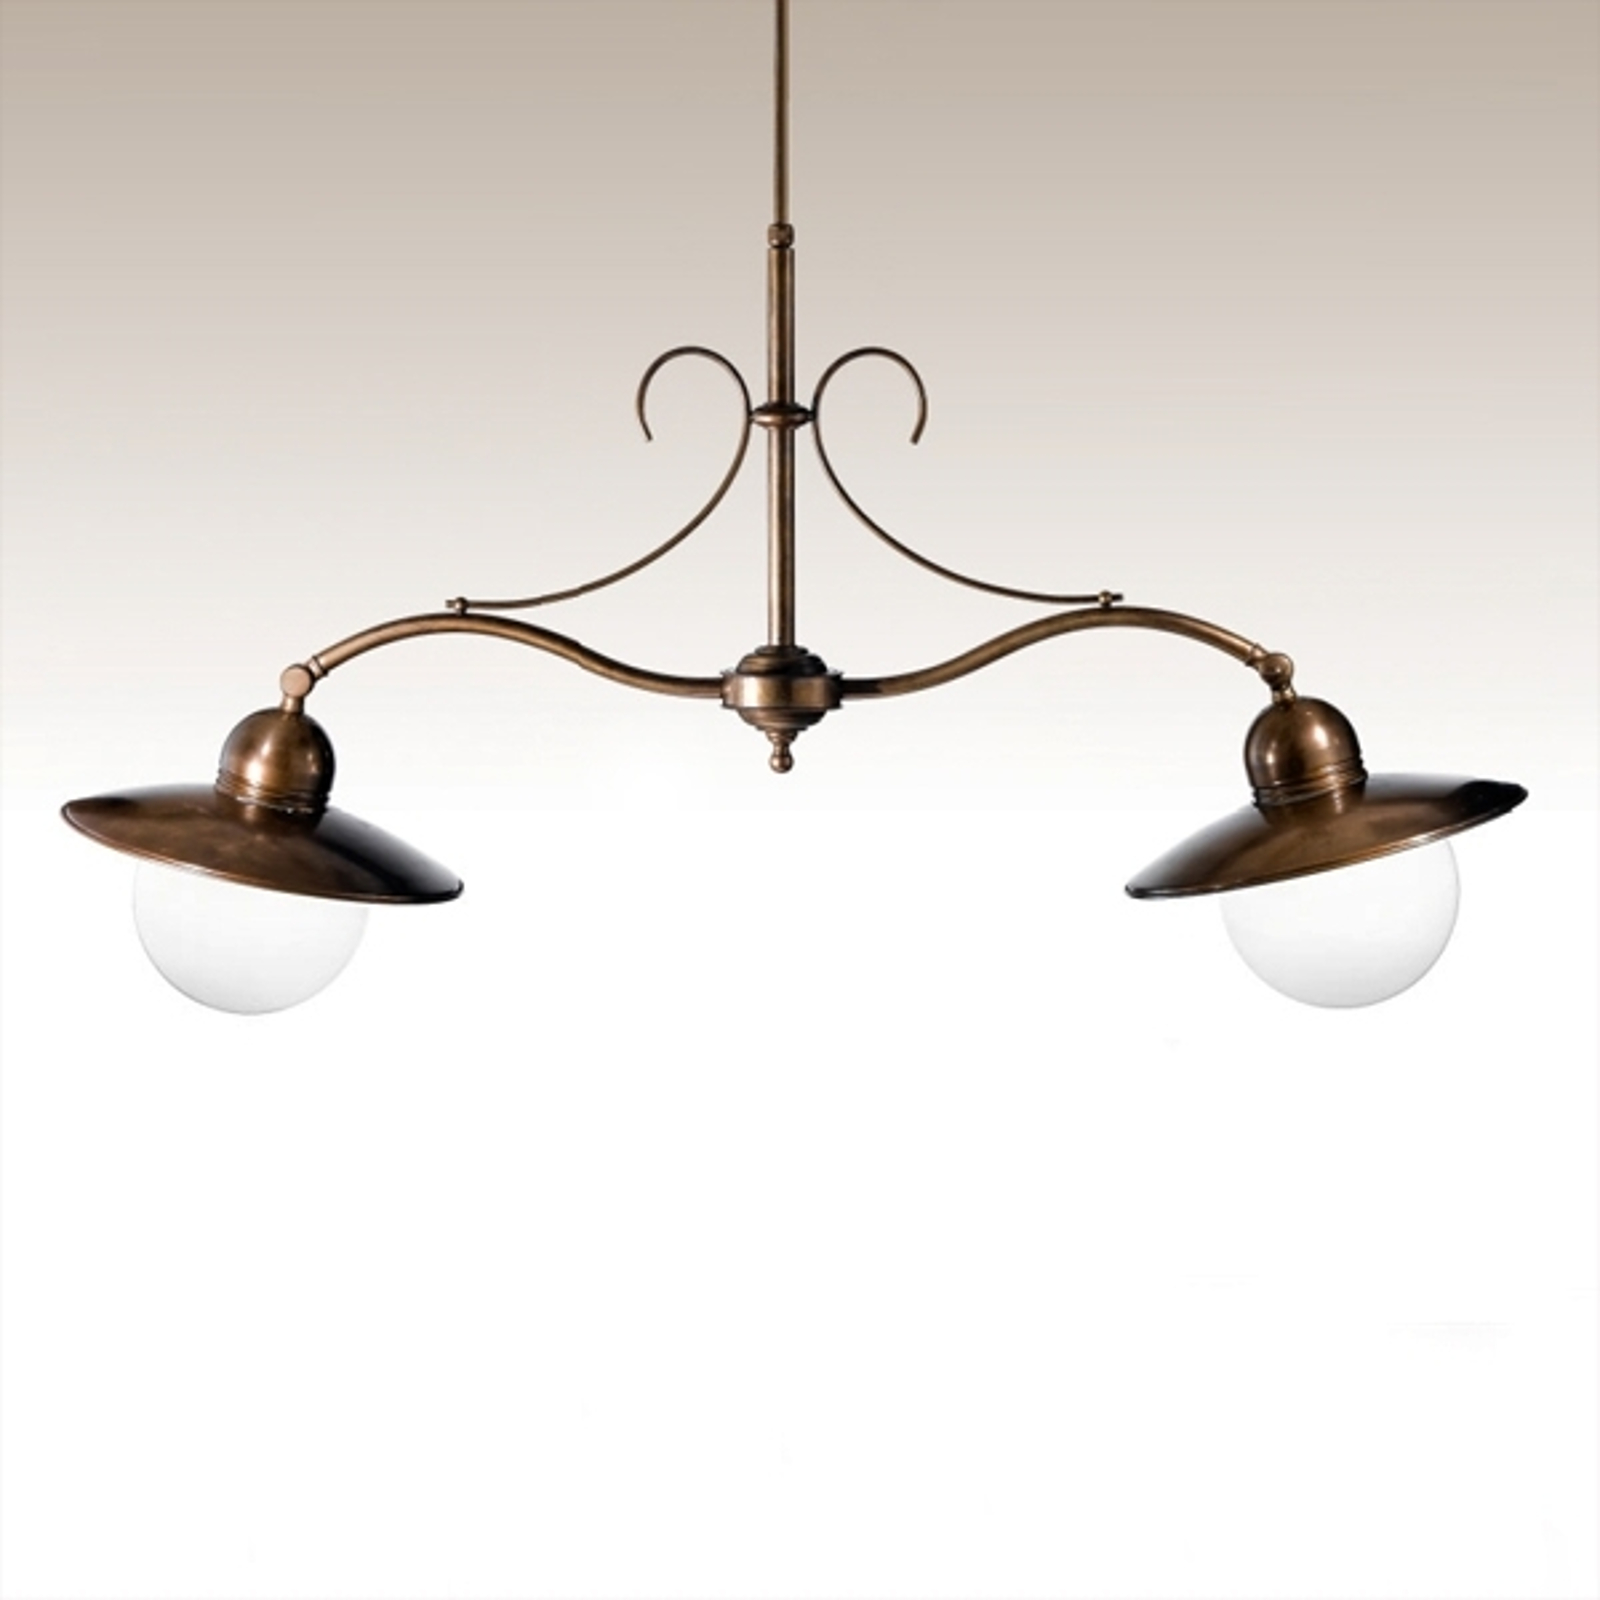 Dvoj-plameňová závesná lampa Taverna_2008075_1